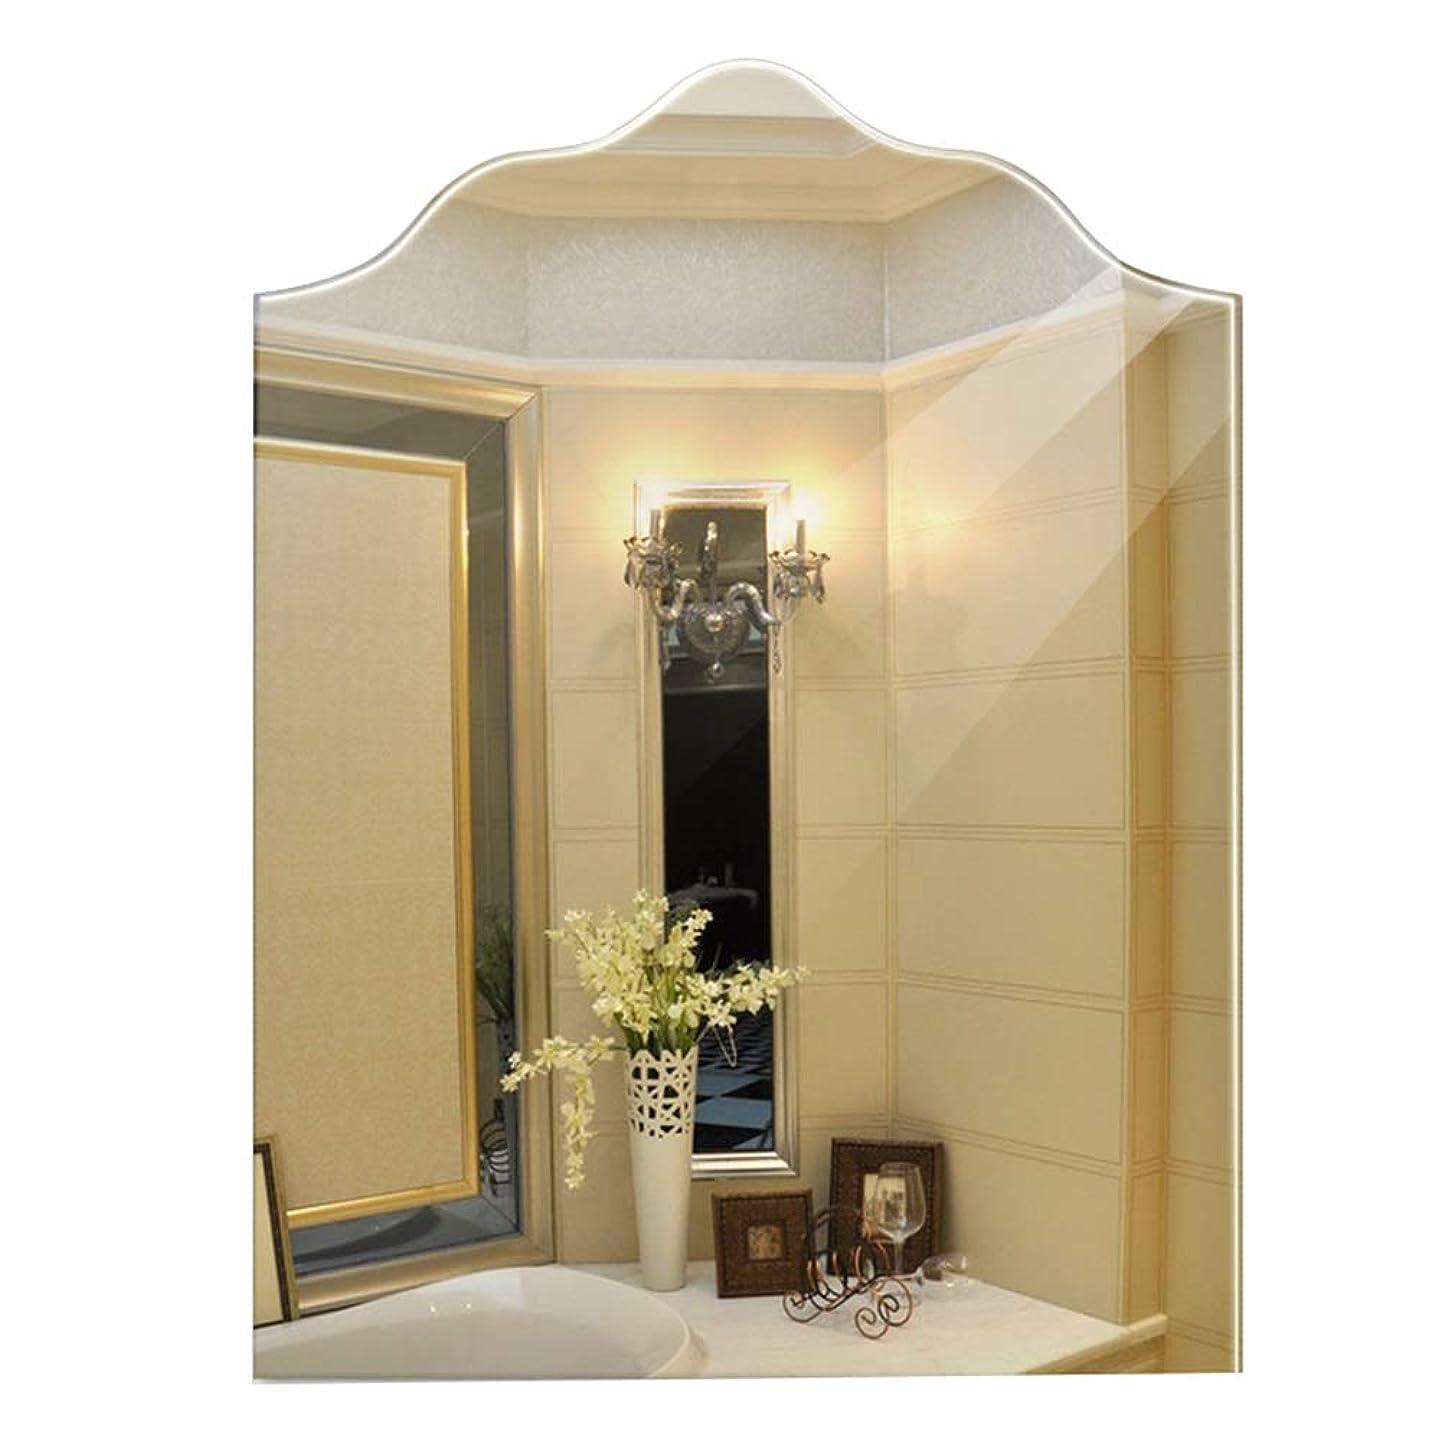 分解する朝ごはんはっきりとYEZI ミラー浴室無枠の壁の洗面台の鏡ユニークな形、サイズ:45 * 60cm 装飾鏡 (色 : Clear)